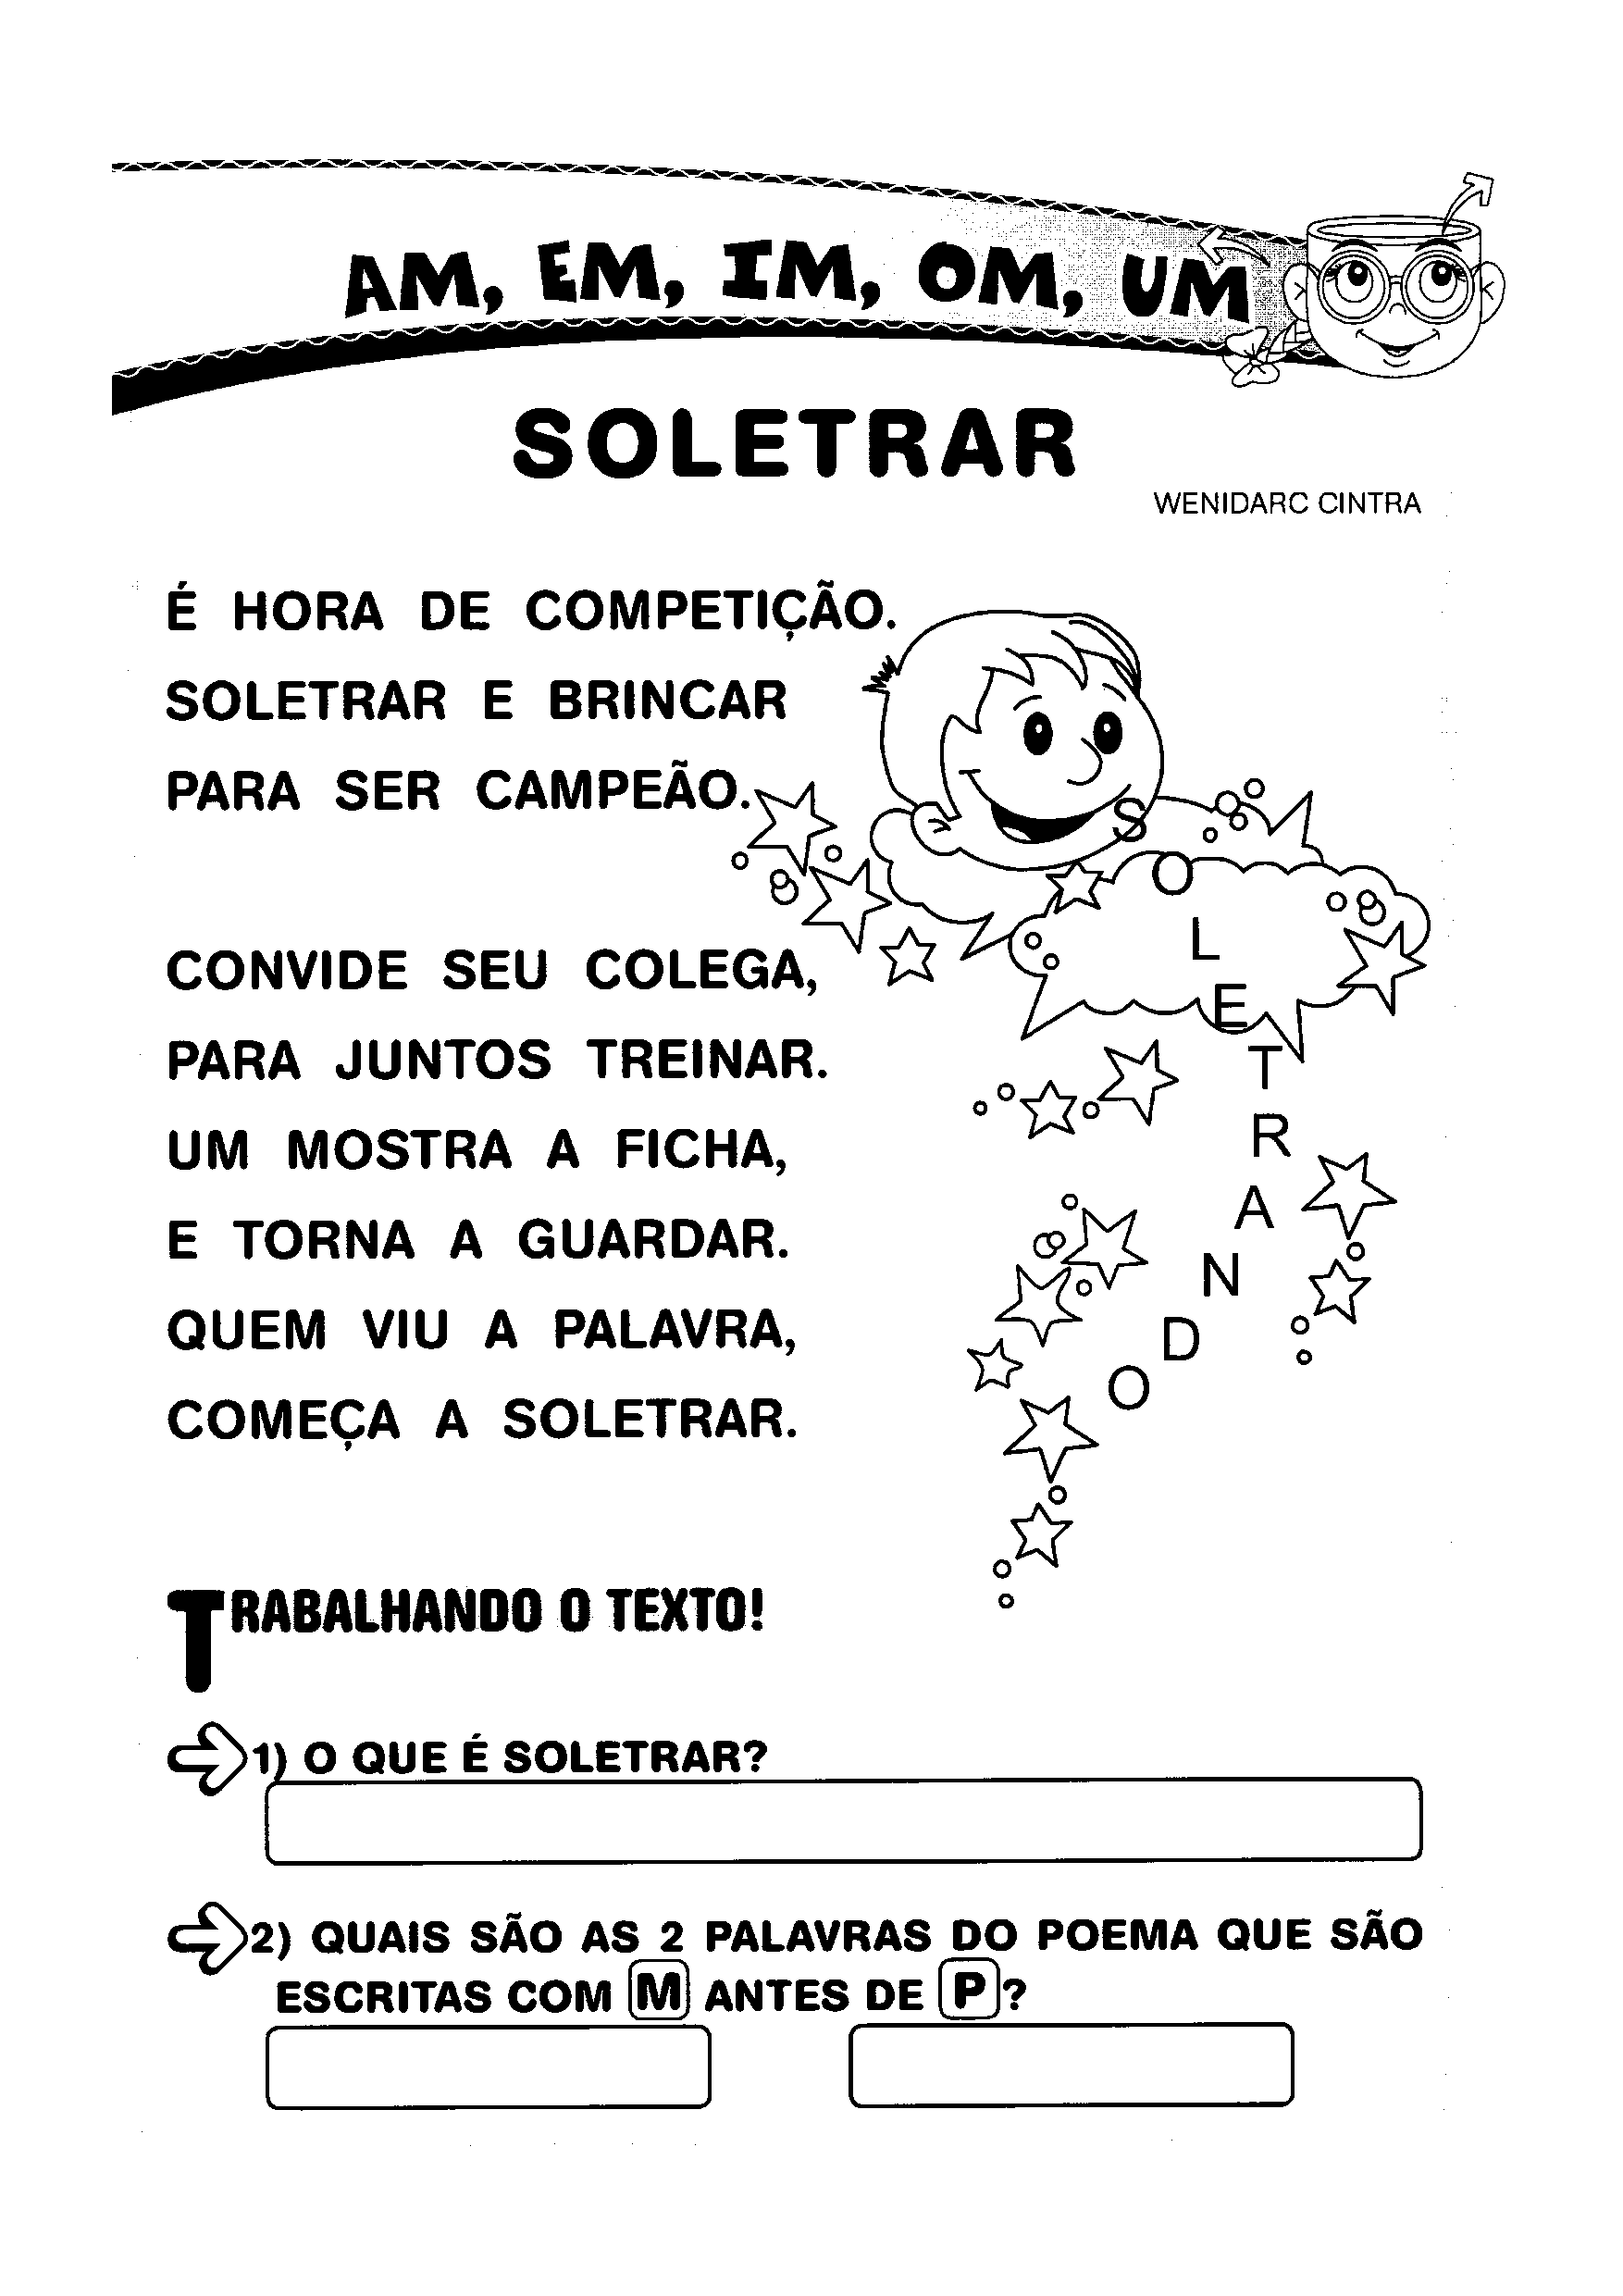 Texto: Soletrar